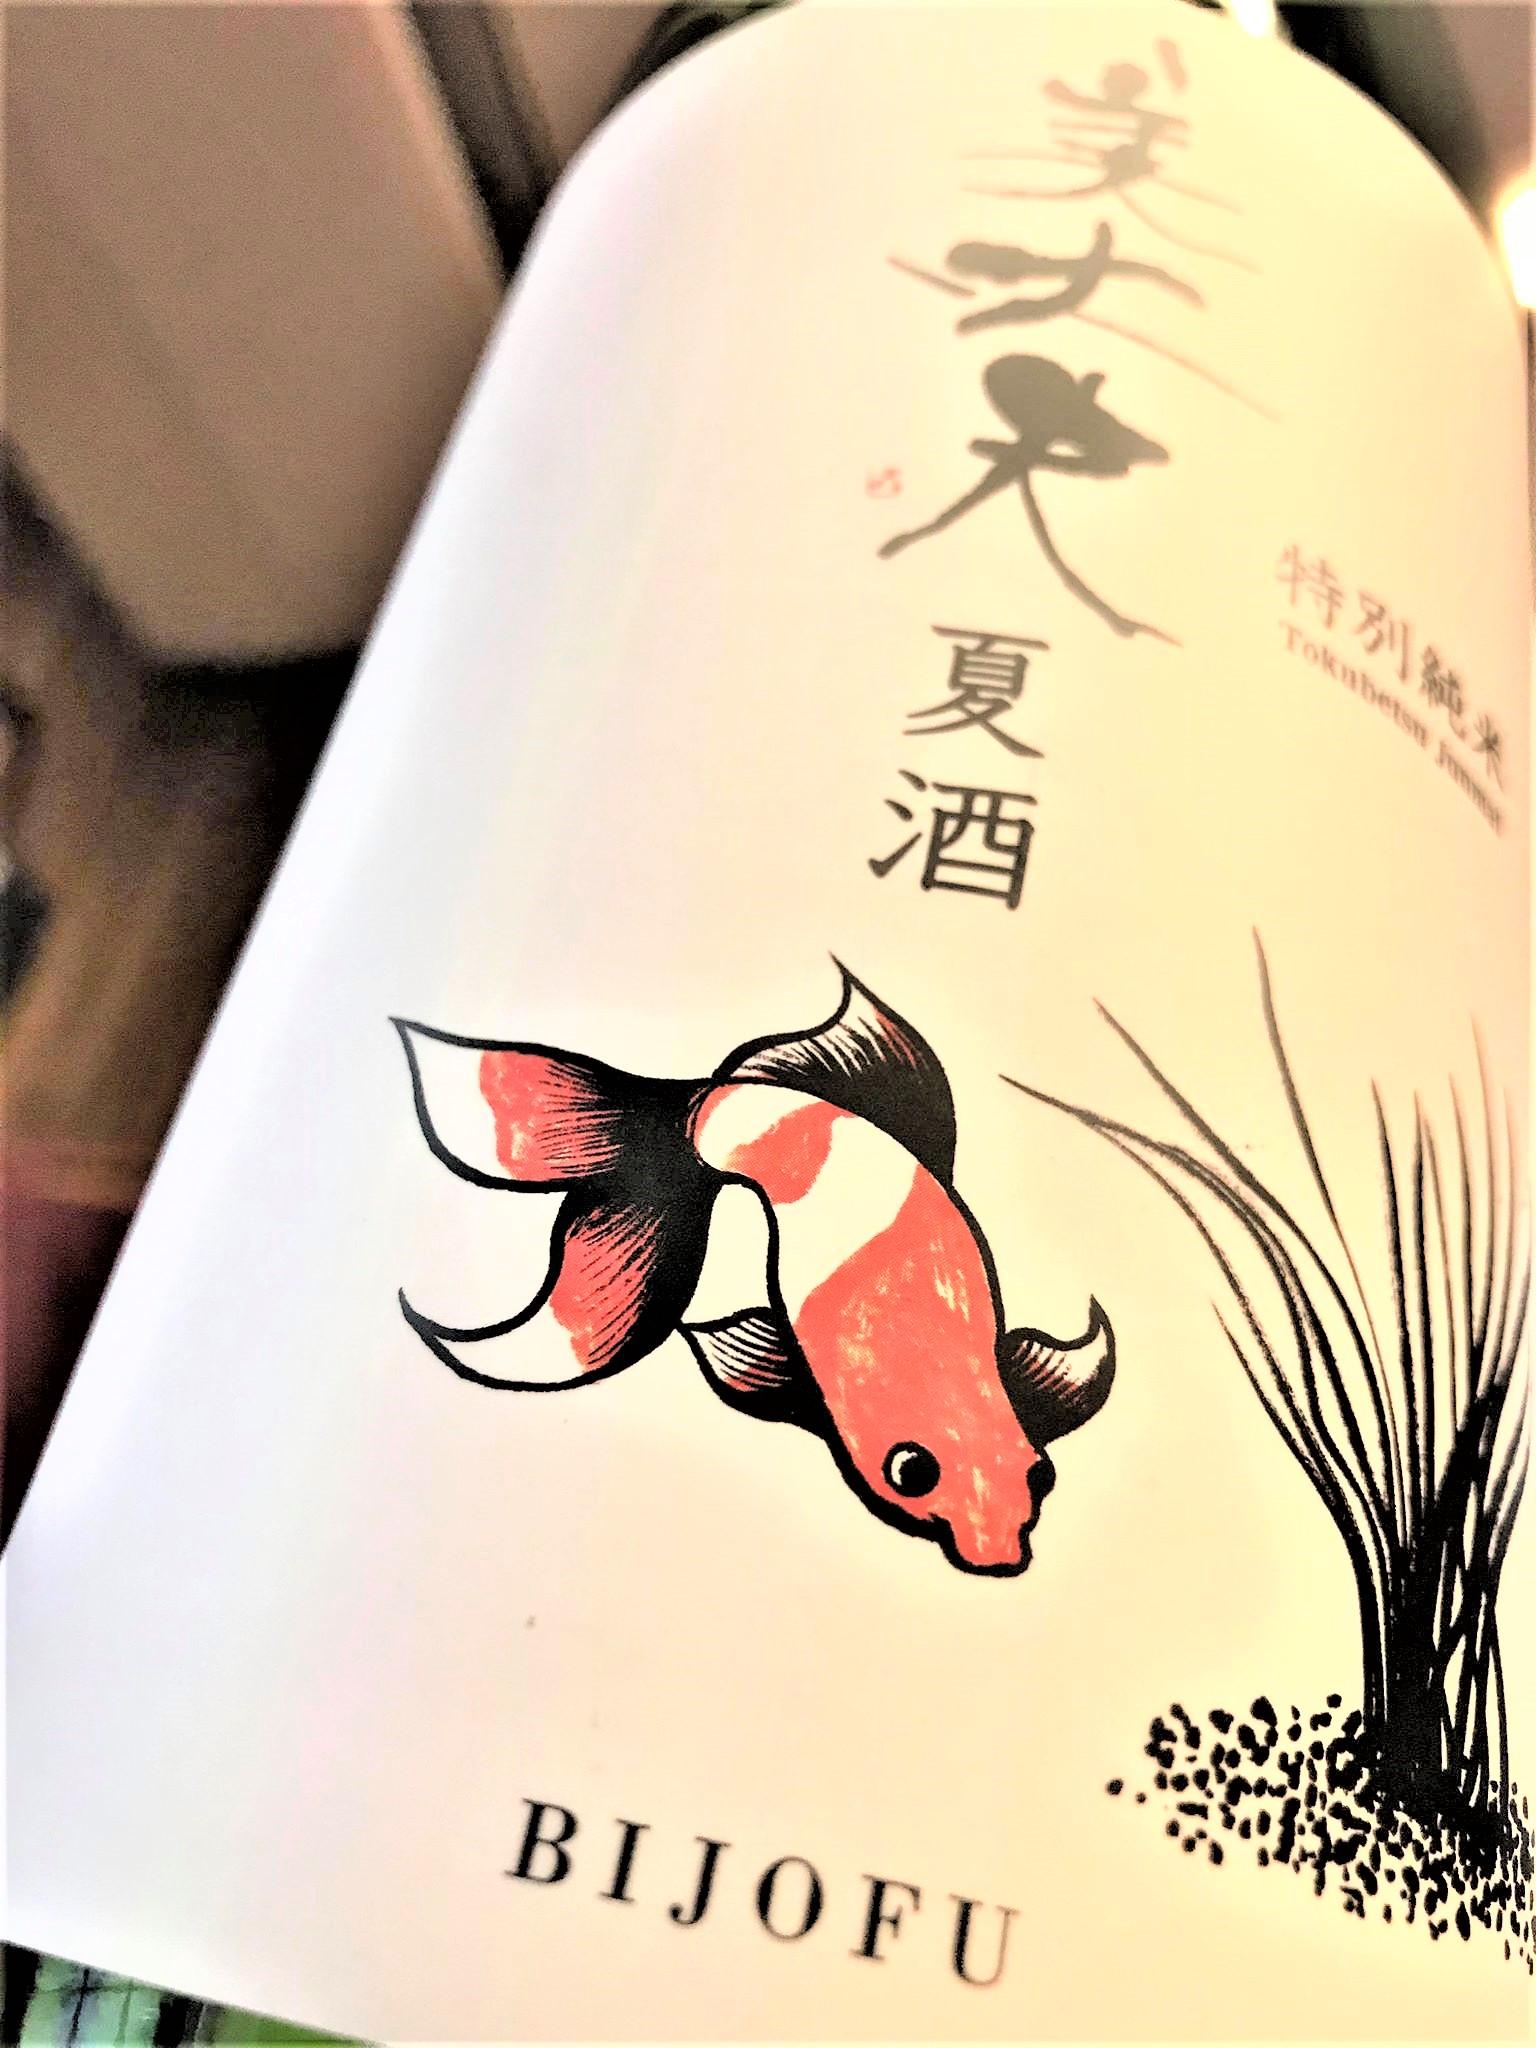 【日本酒】美丈夫 夏の金魚🐠スペシャル 特別純米酒 松山三井仕込み 限定 30BY🆕_e0173738_1221272.jpg